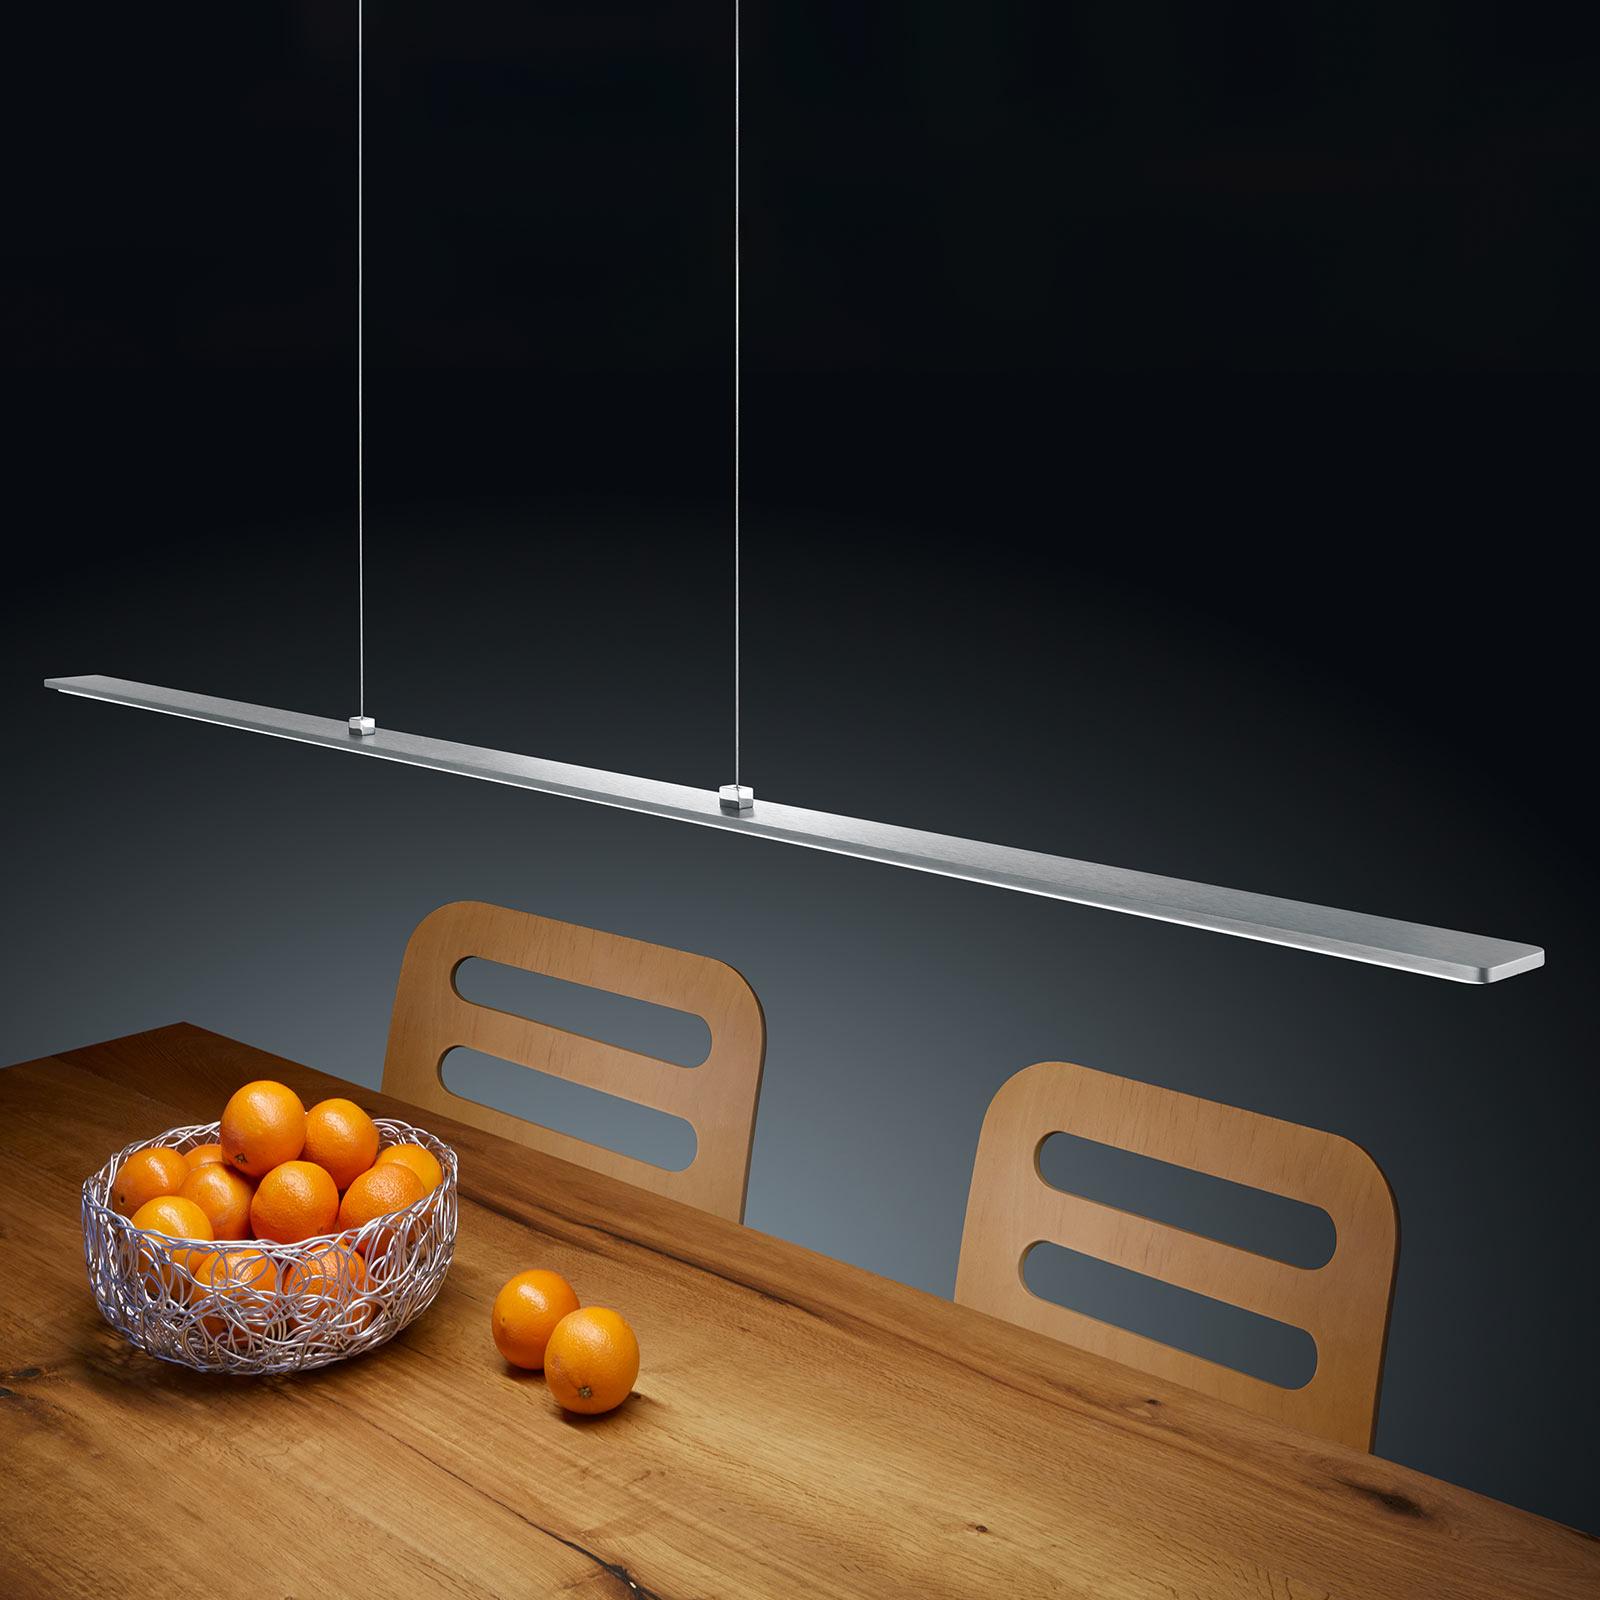 Helestra Lexx LED hanglamp matnikkel EasyLift